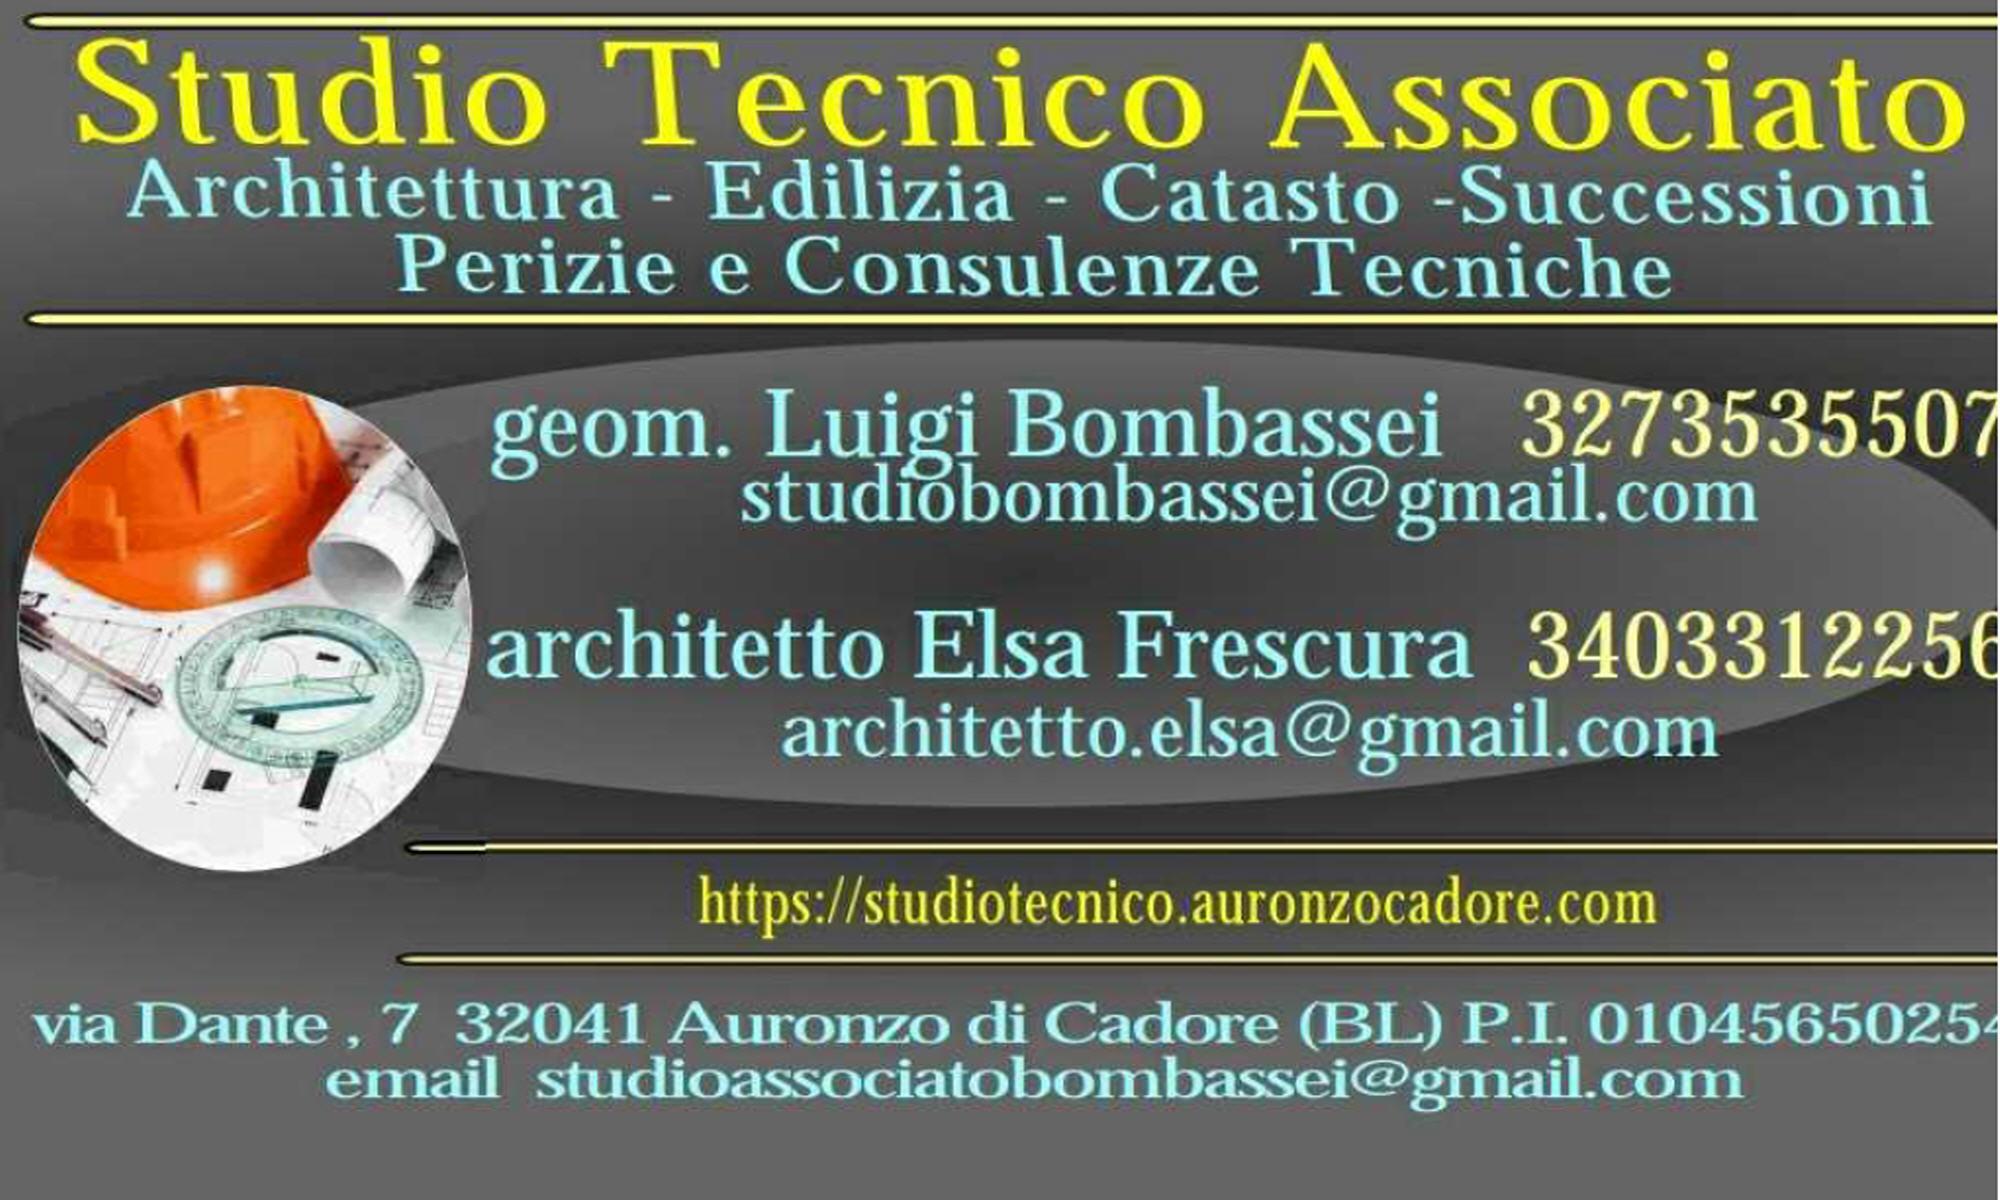 successioni architetto geometra Belluno Cortina d'Ampezzo